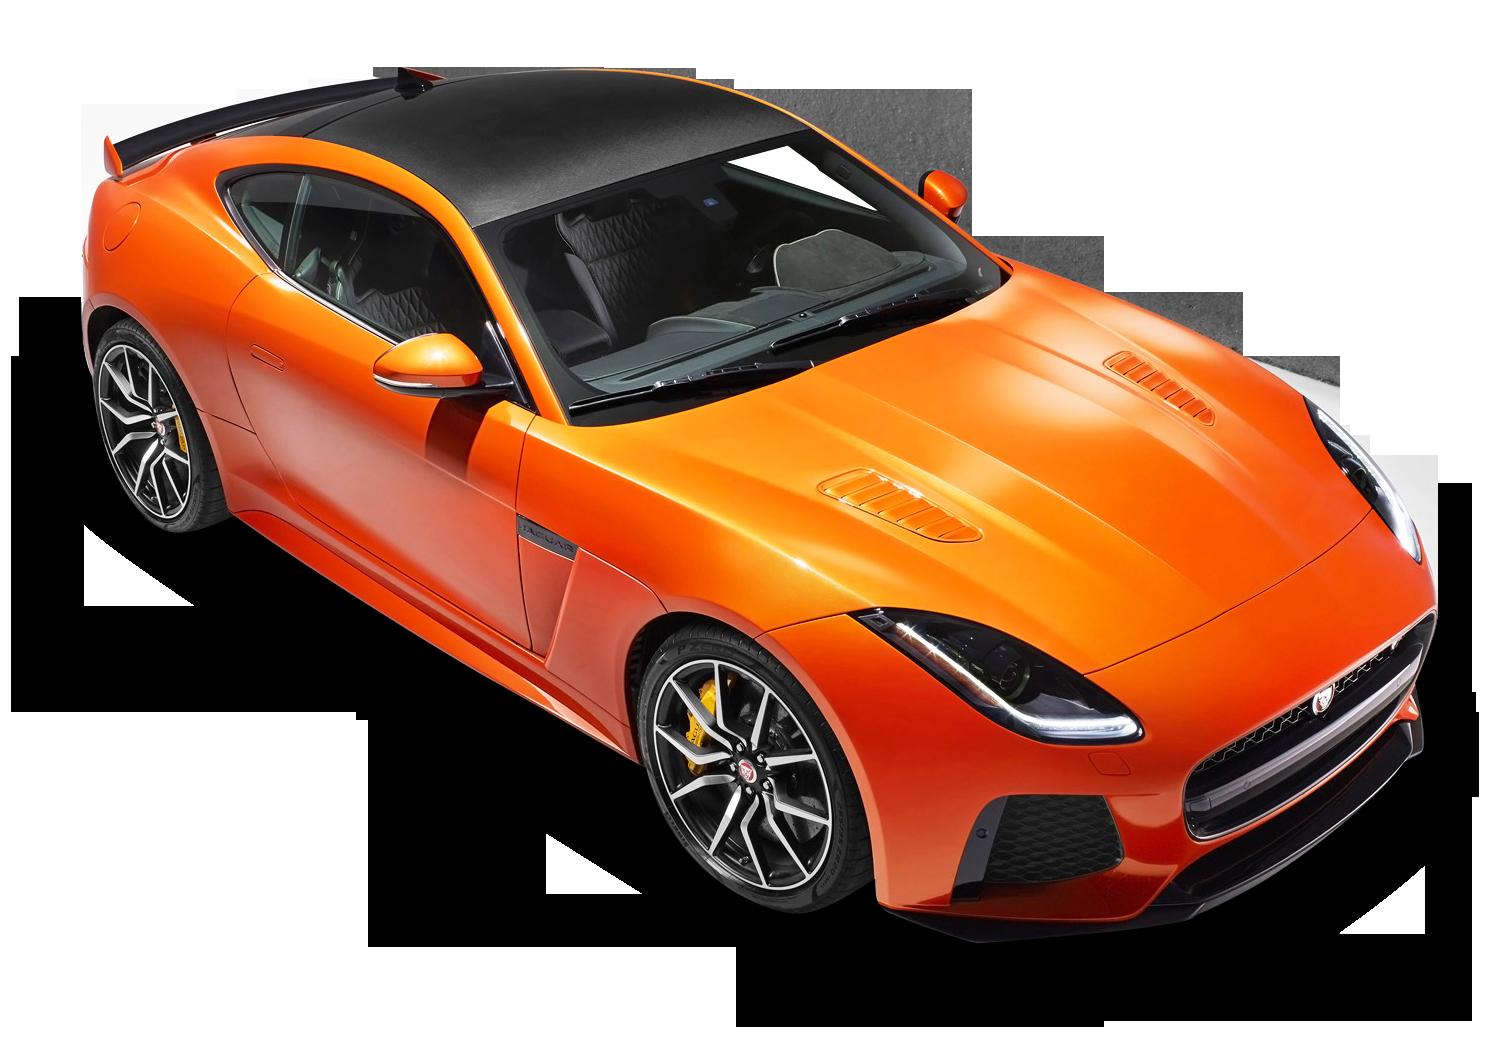 Orange Jaguar F Type Svr Coupe Top View Car Png Image Jaguar F Type Car Jaguar